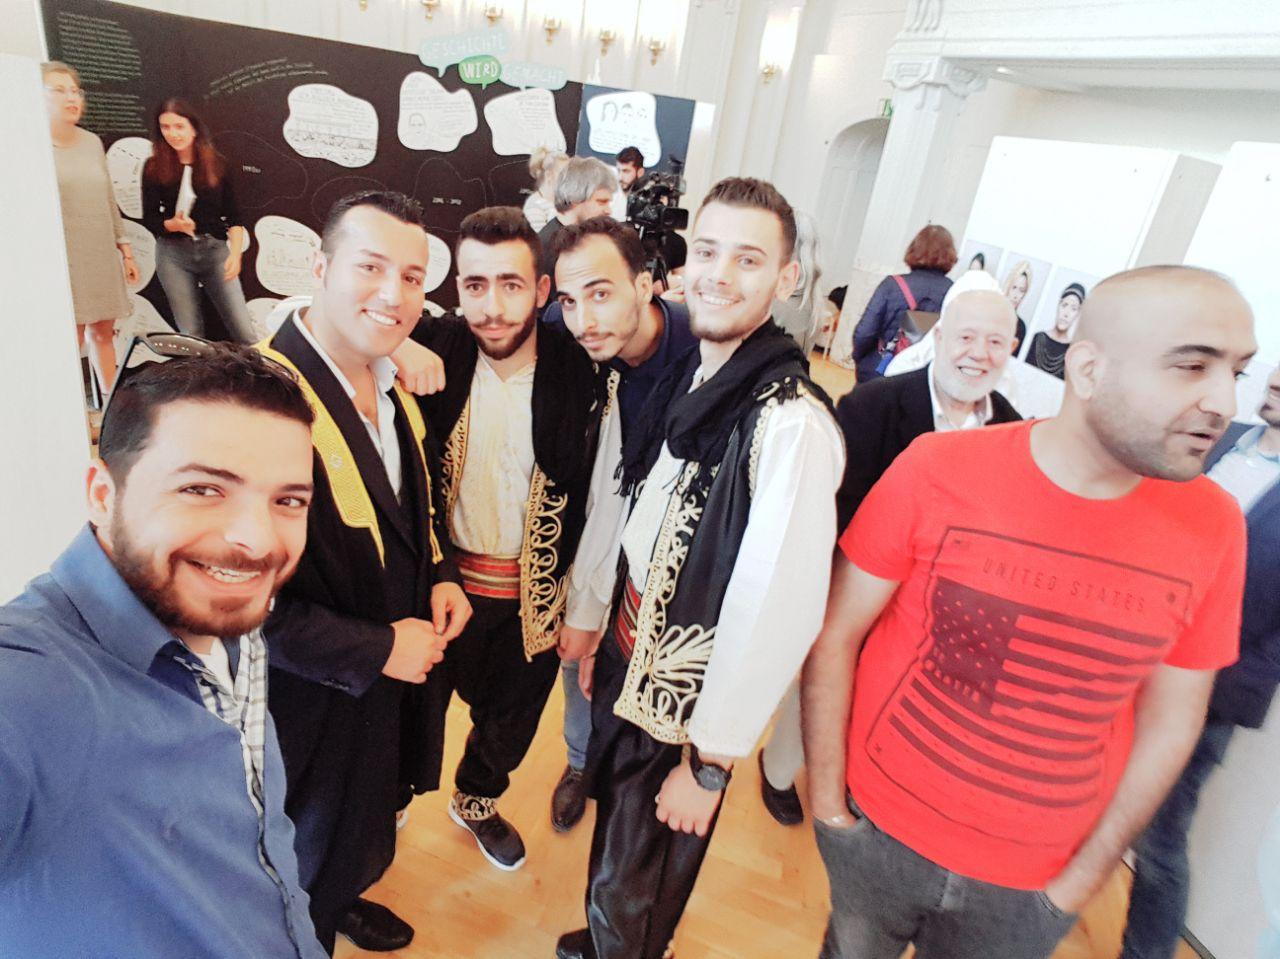 syrischeszentrum00015